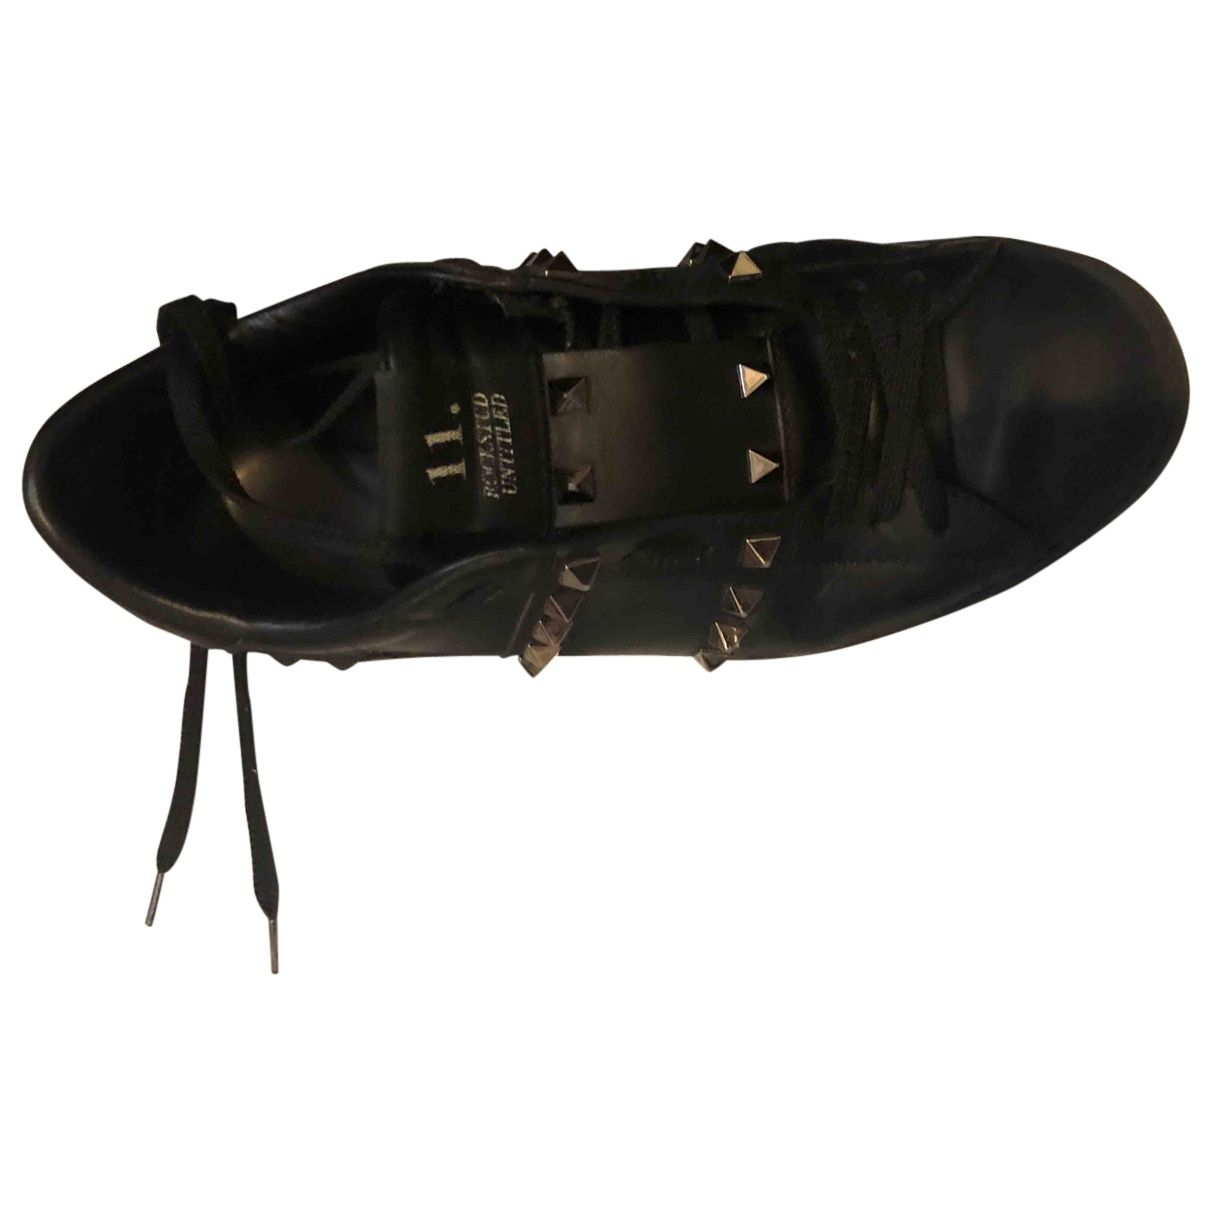 Valentino Garavani - Baskets Rockstud pour femme en cuir - noir